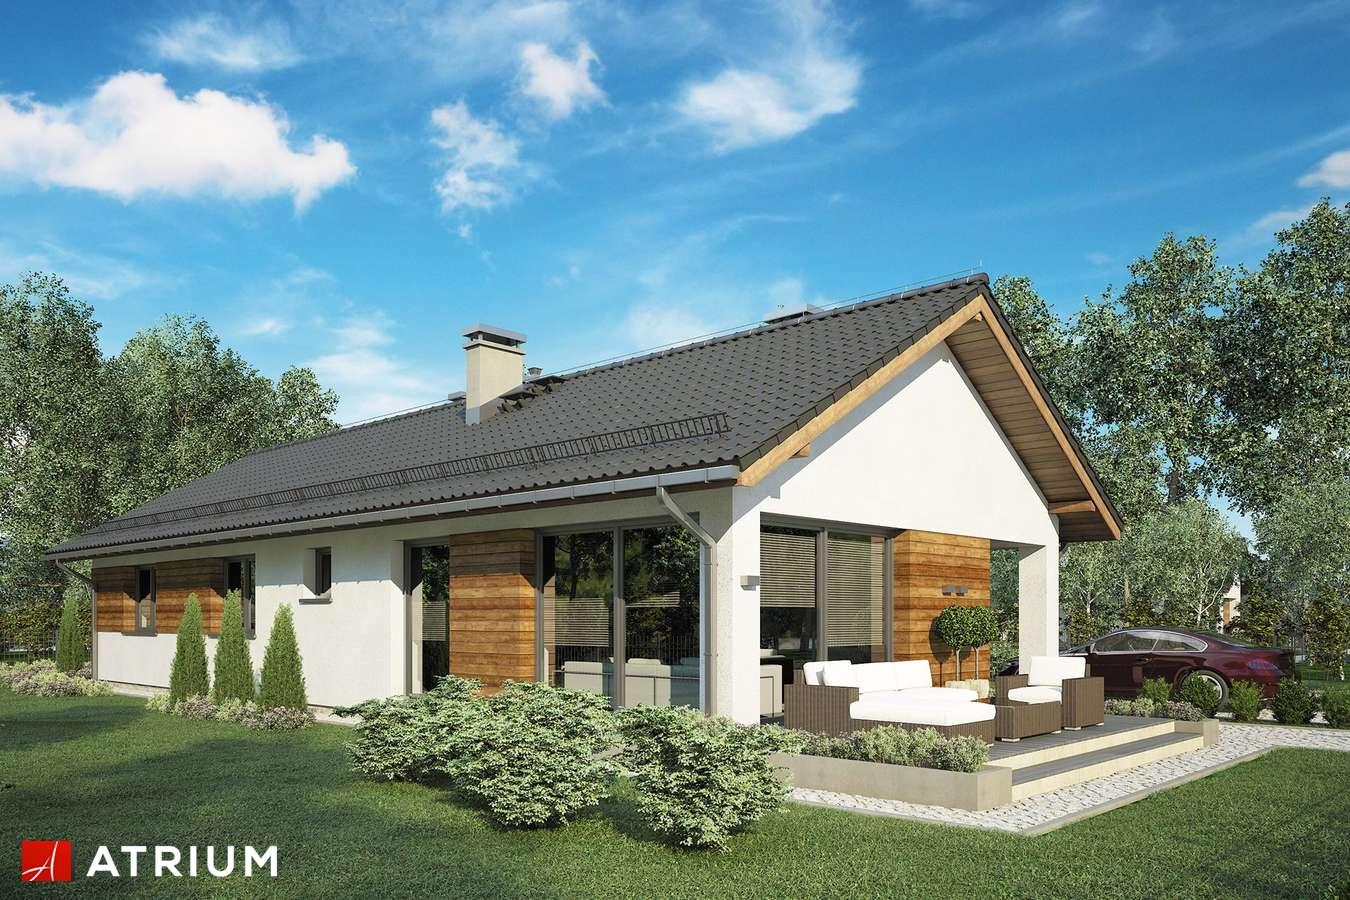 Projekty domów - Projekt domu parterowego OLIMP - wizualizacja 2